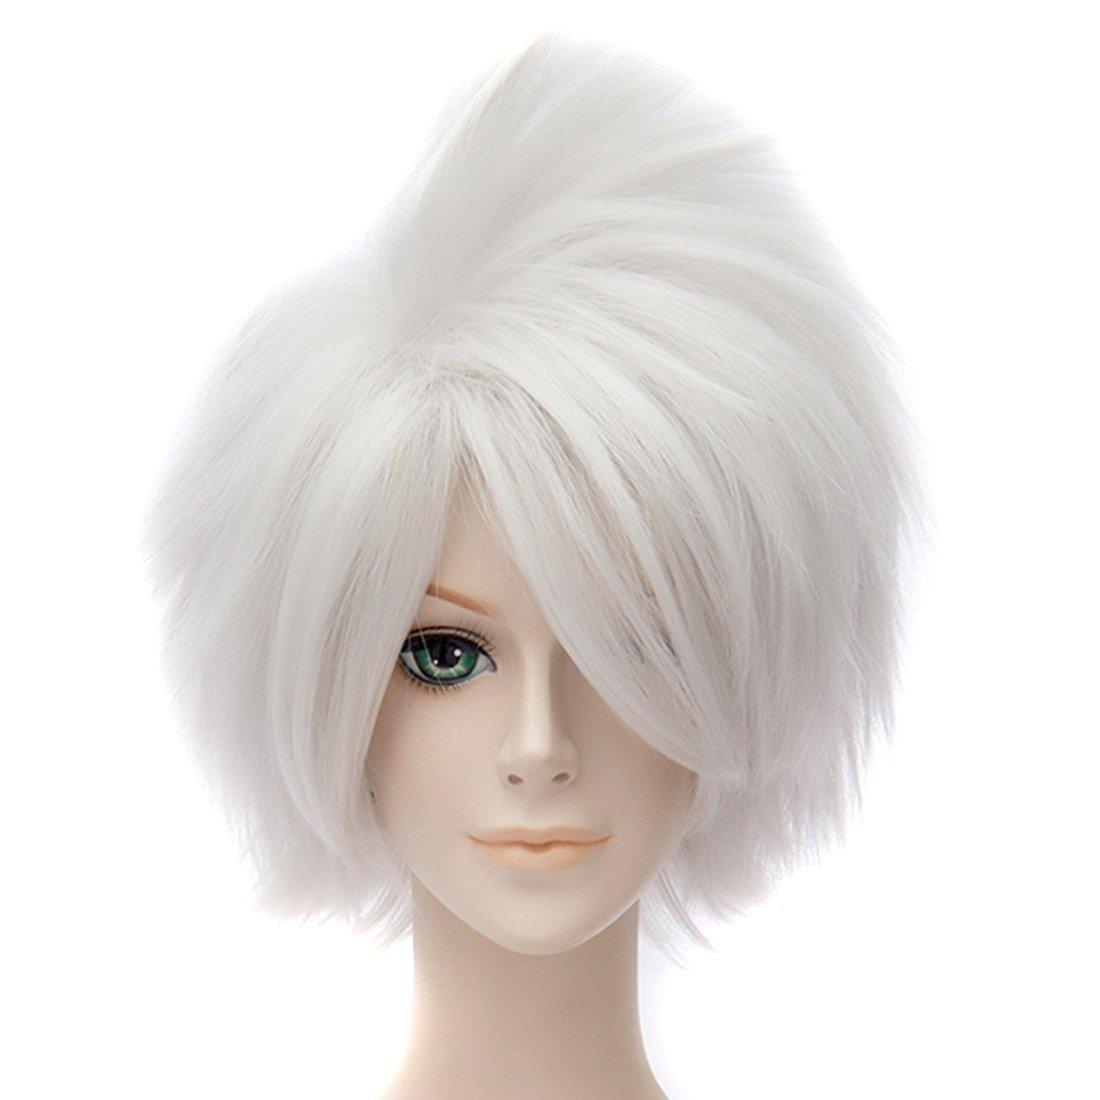 Z Naruto Hatake Kakashi Animado Blancas Pelucas De Pelo Corto Cosplay Peluca Recta Completa: Amazon.es: Belleza